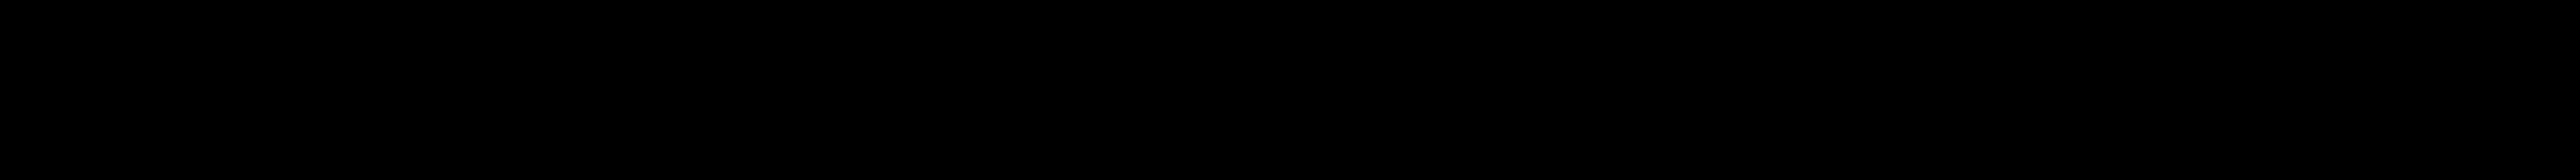 Dot Matrix Fonts Fontspace